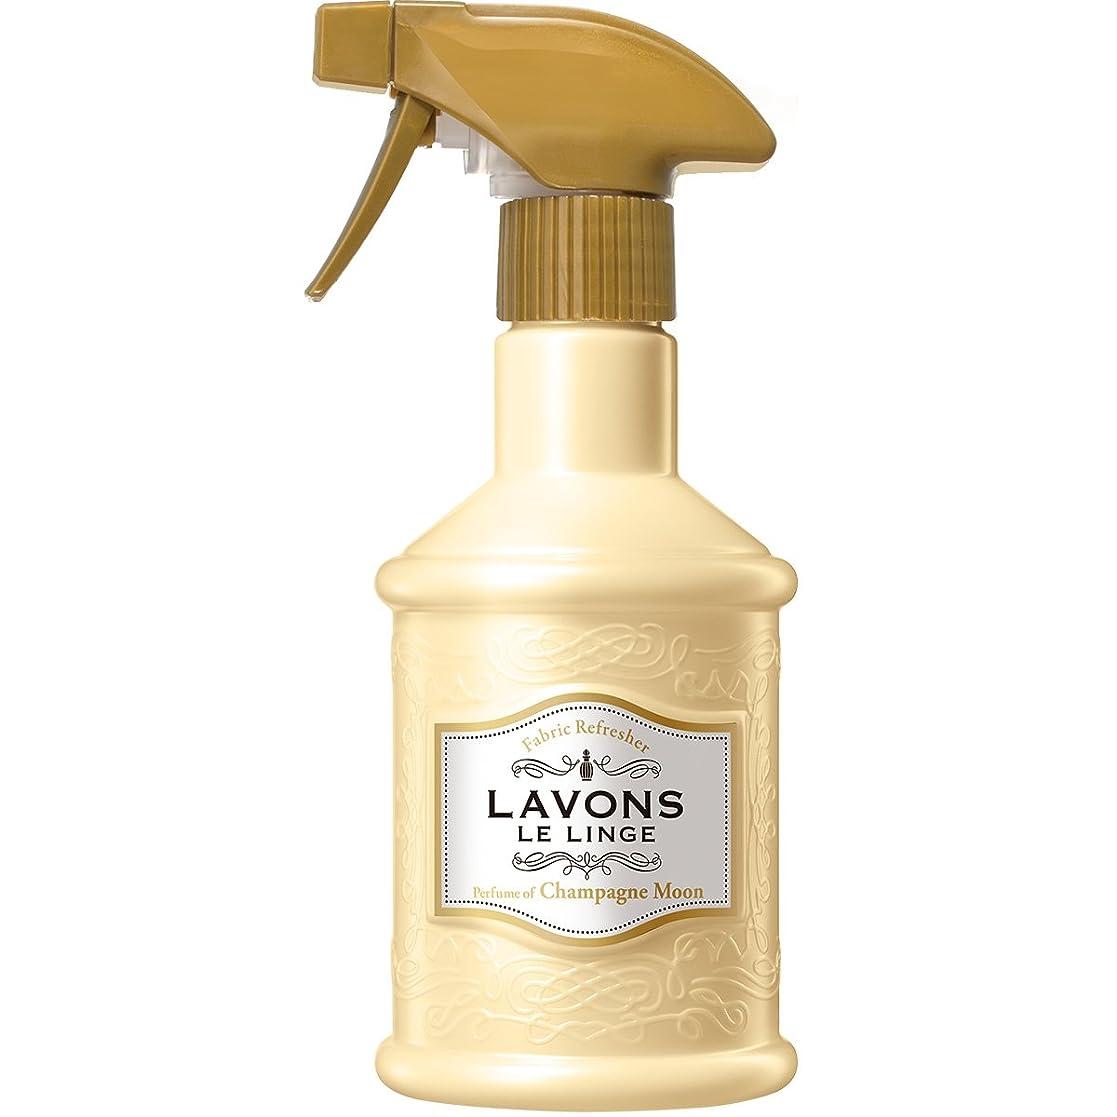 ミネラル慈善感謝しているラボン ファブリックミスト シャンパンムーンの香り 370ml